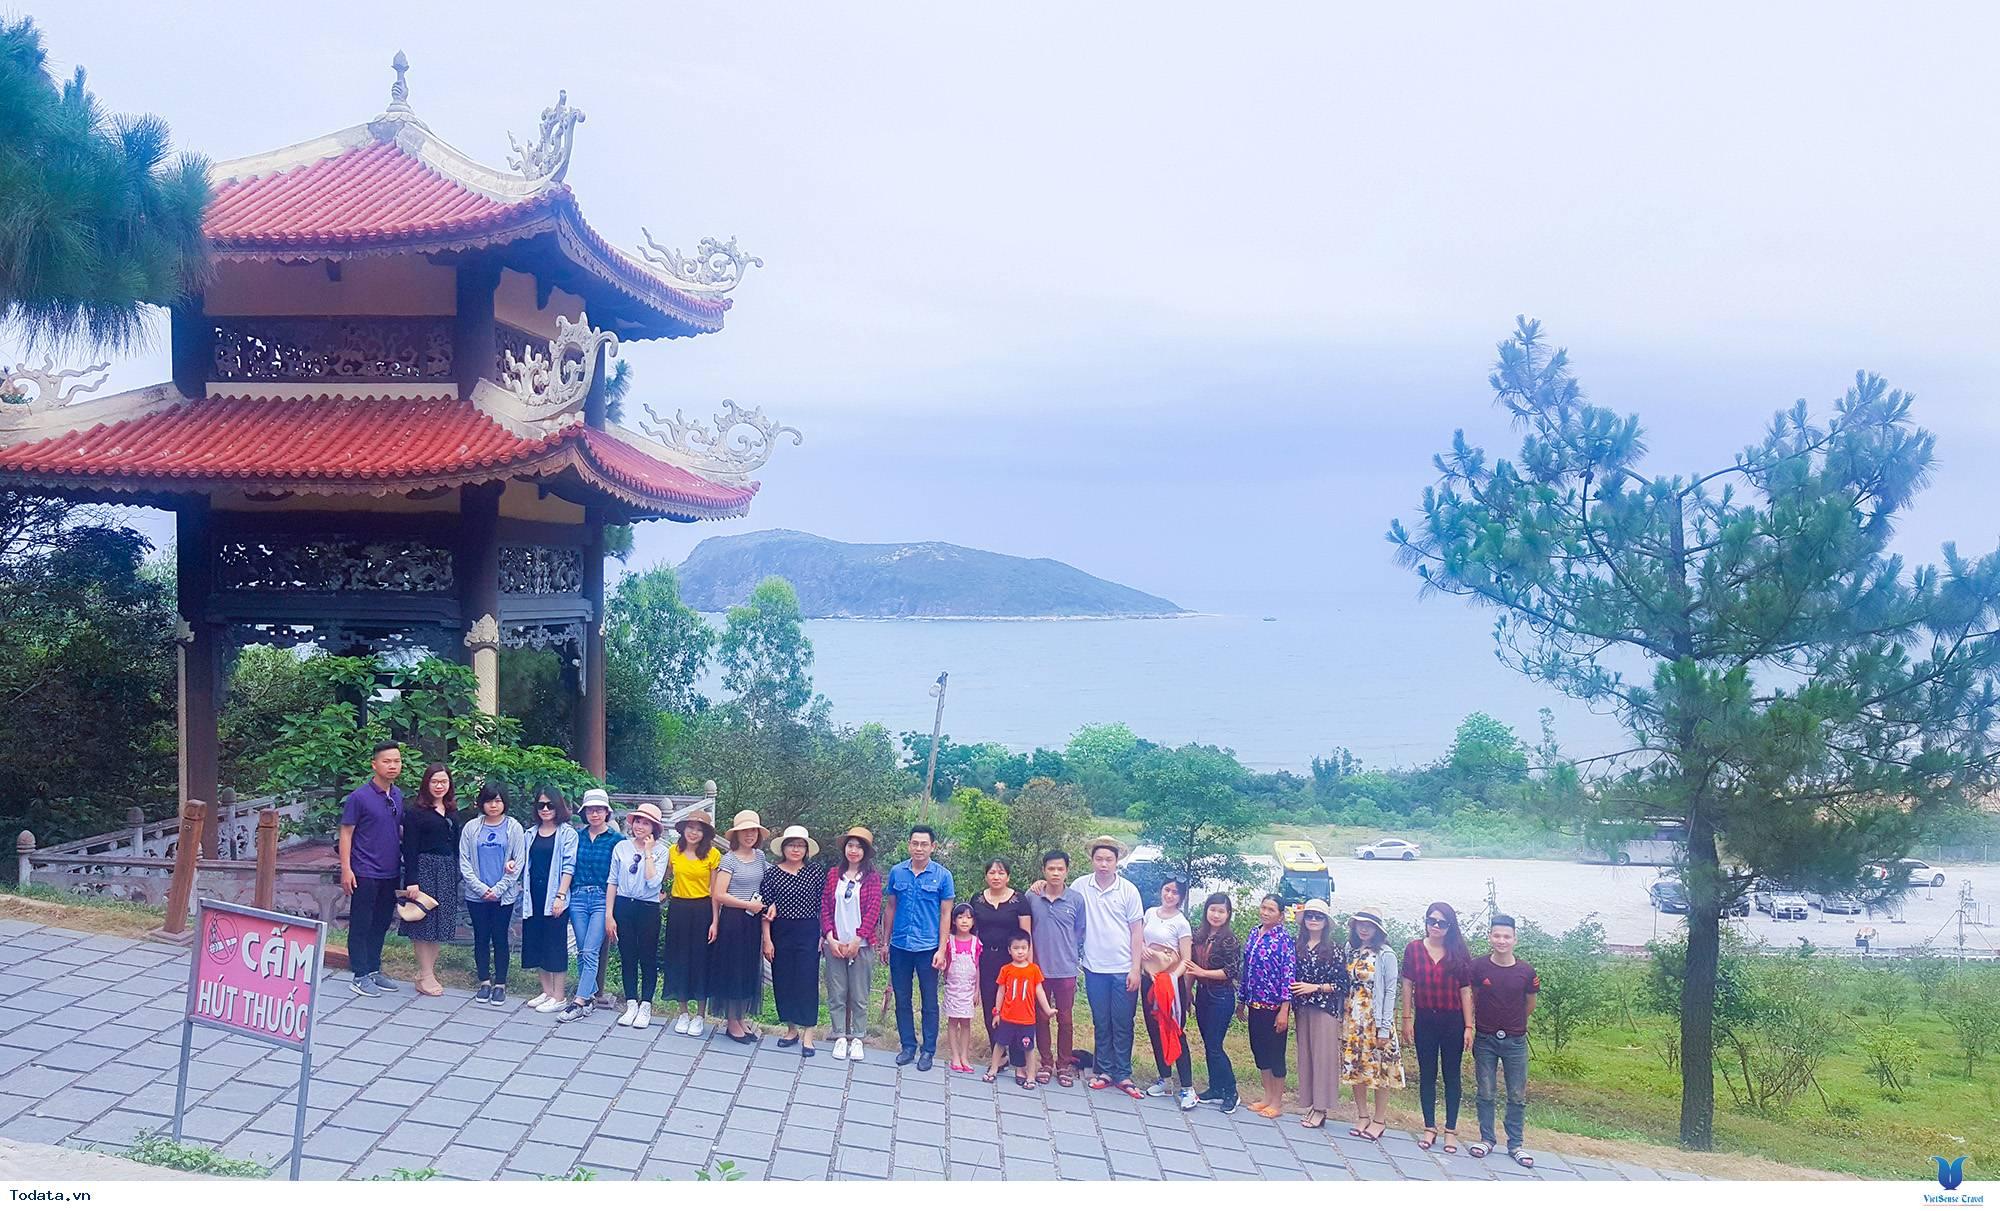 Tour Du Lịch Quảng Bình 3 Ngày 2 đêm - Ảnh 2